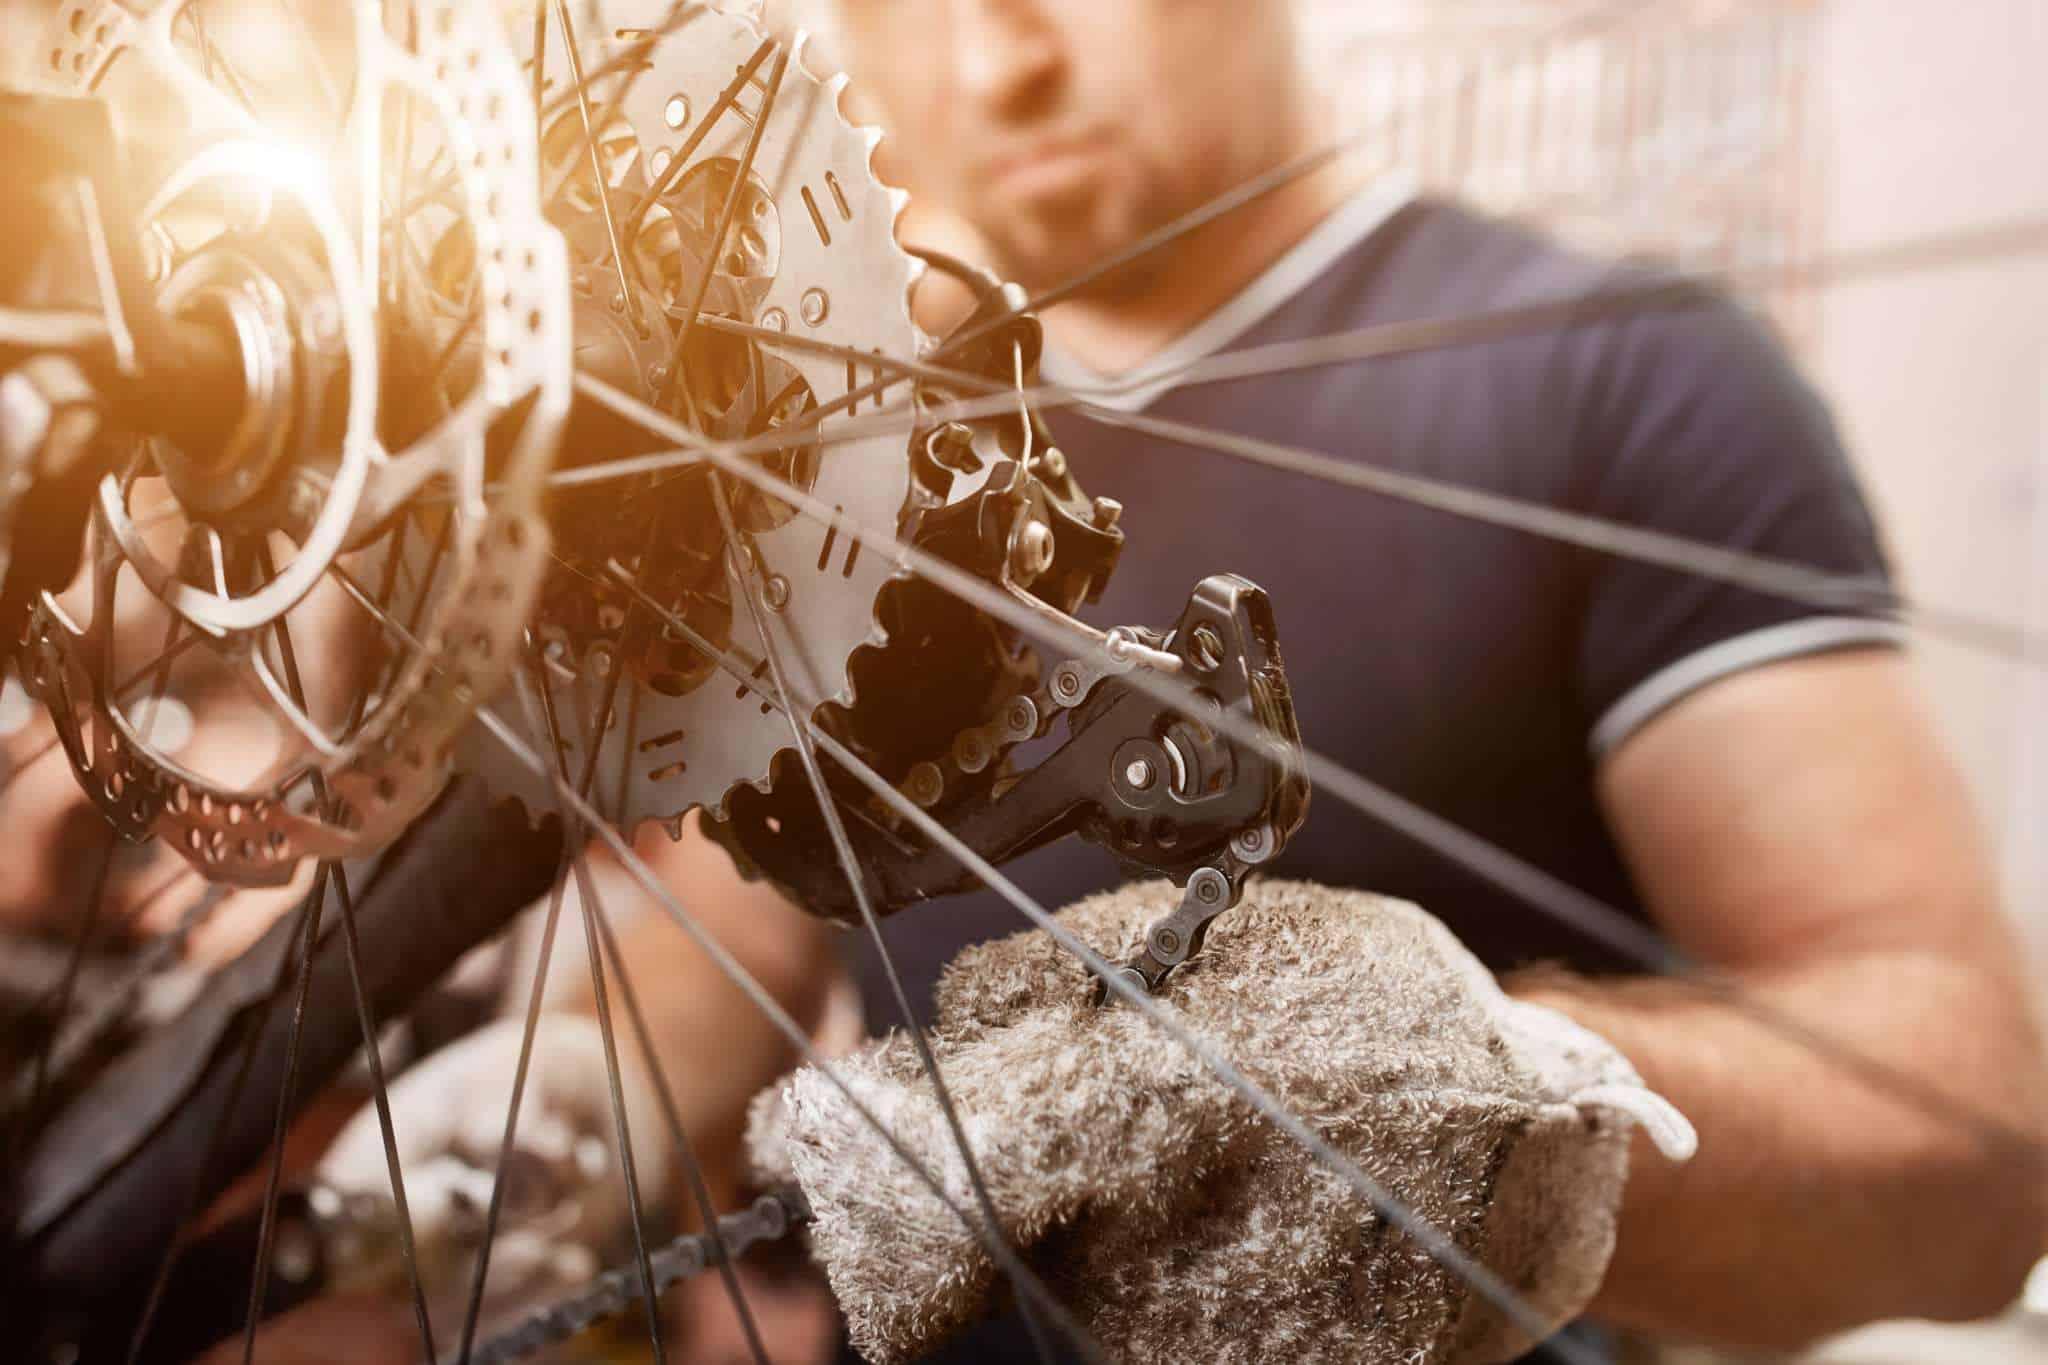 manutenção-bicicleta